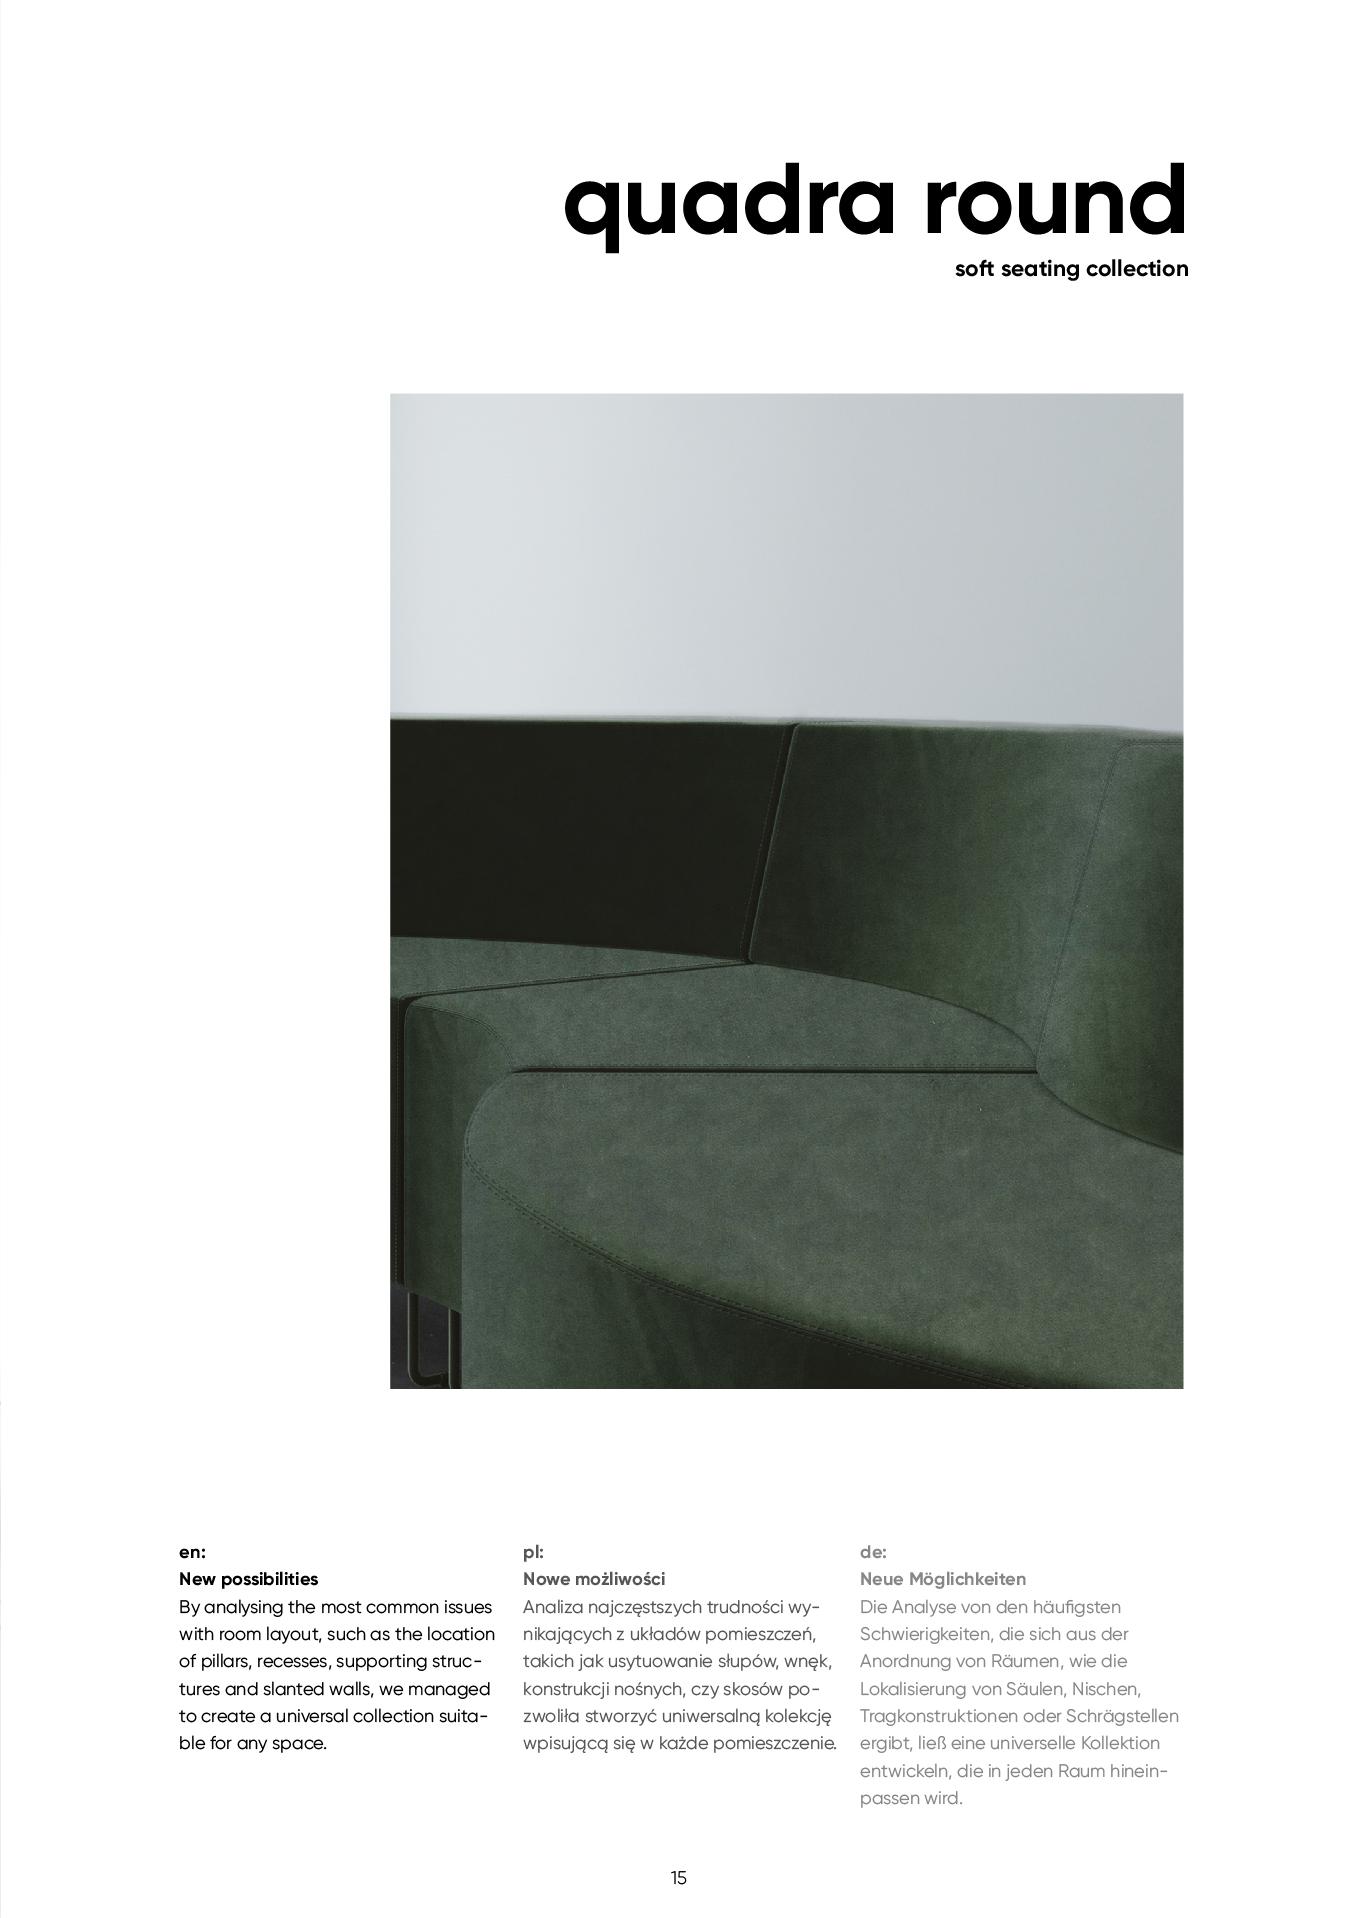 katalog-quadra-15.jpg